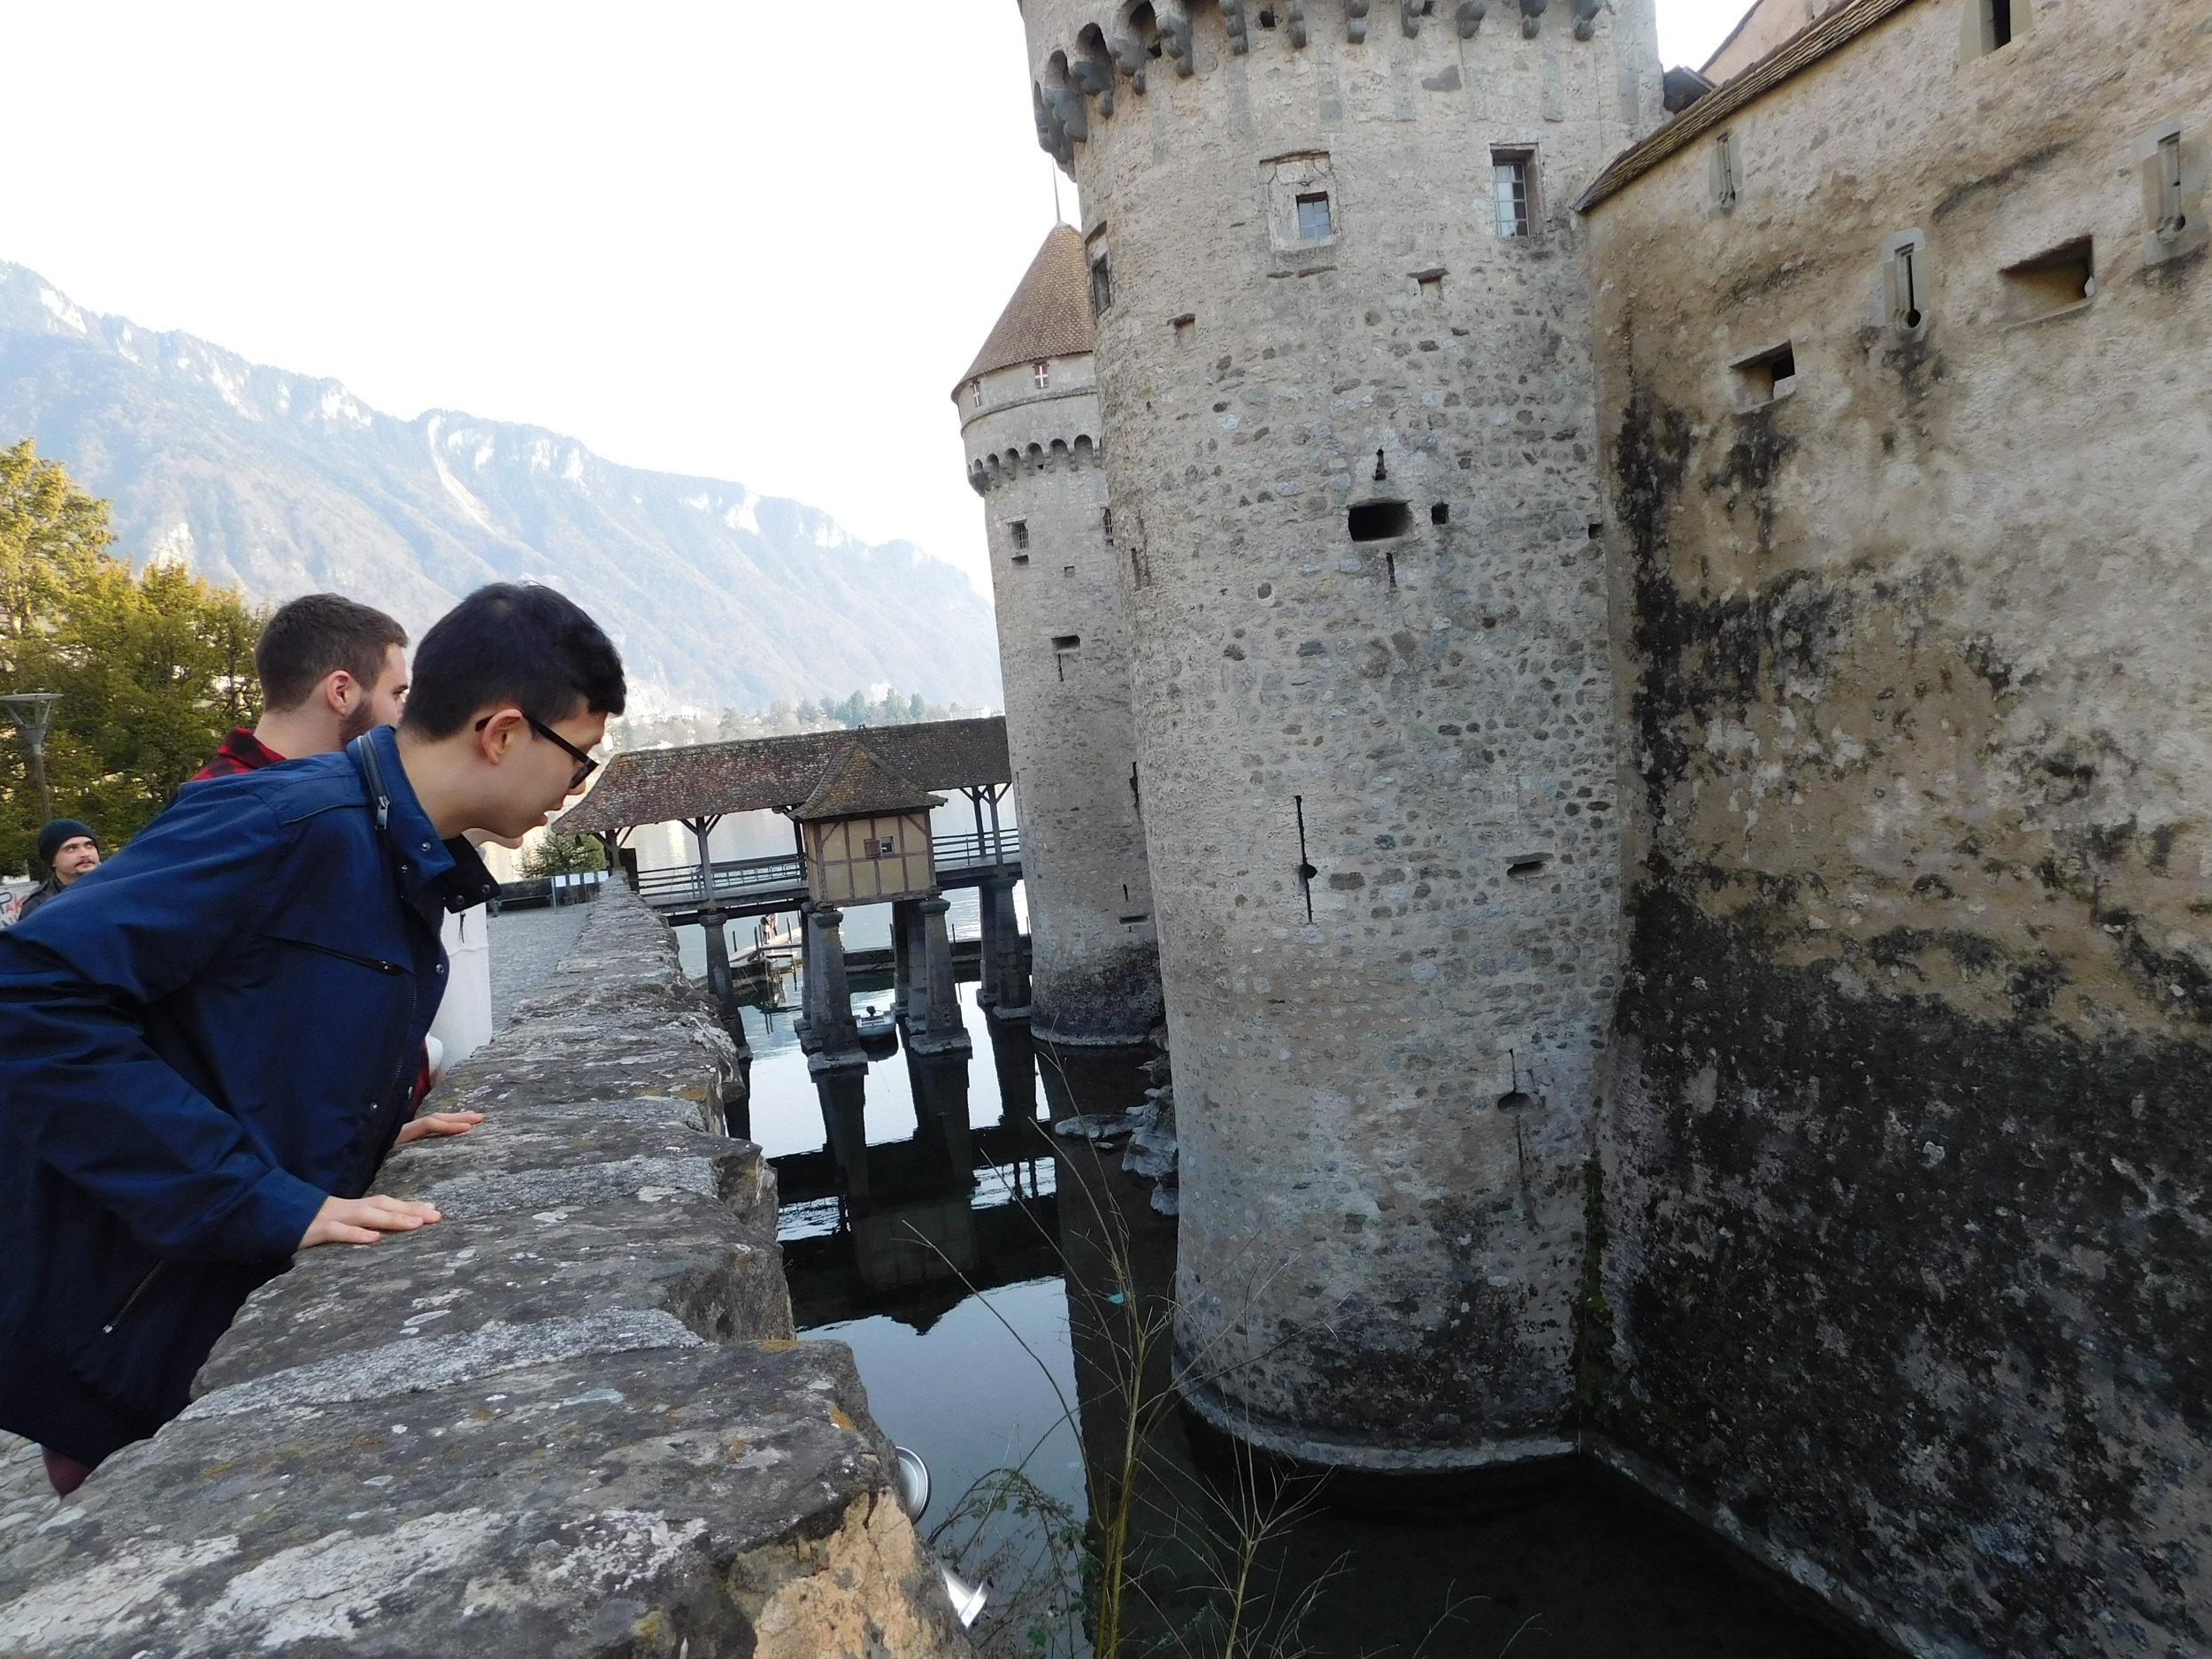 Exploring a castle